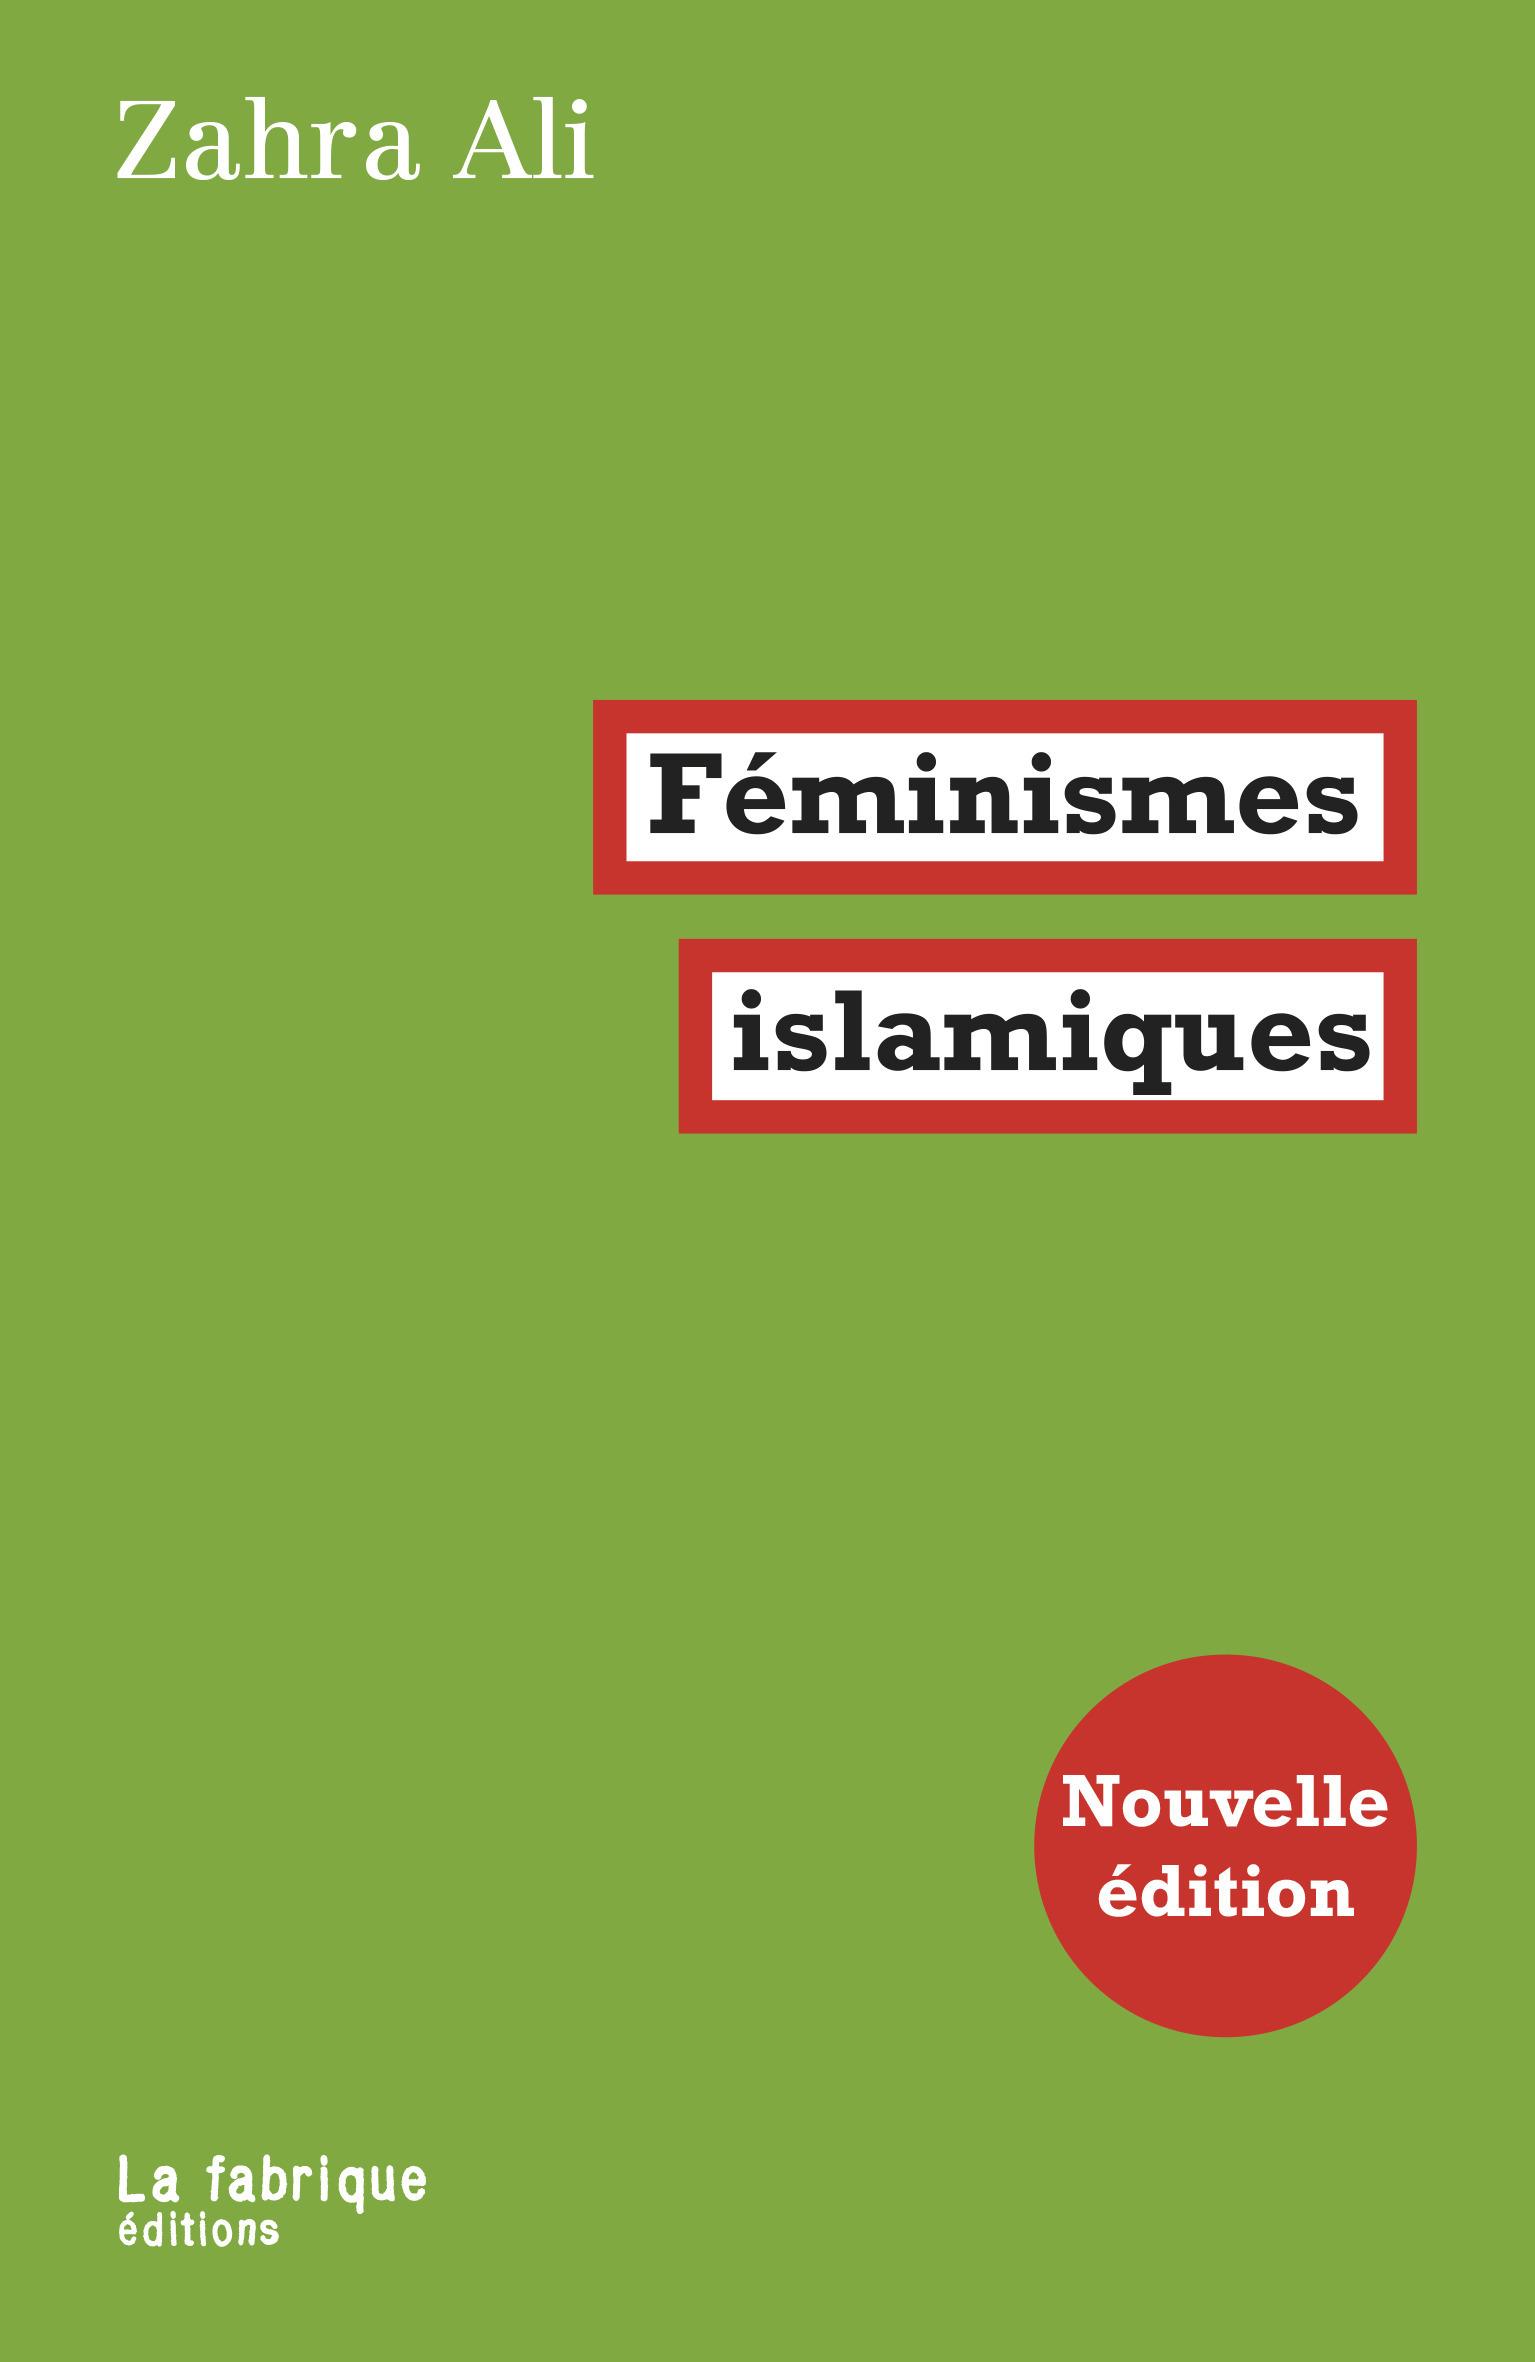 Feminismes islamiques (2e édition)